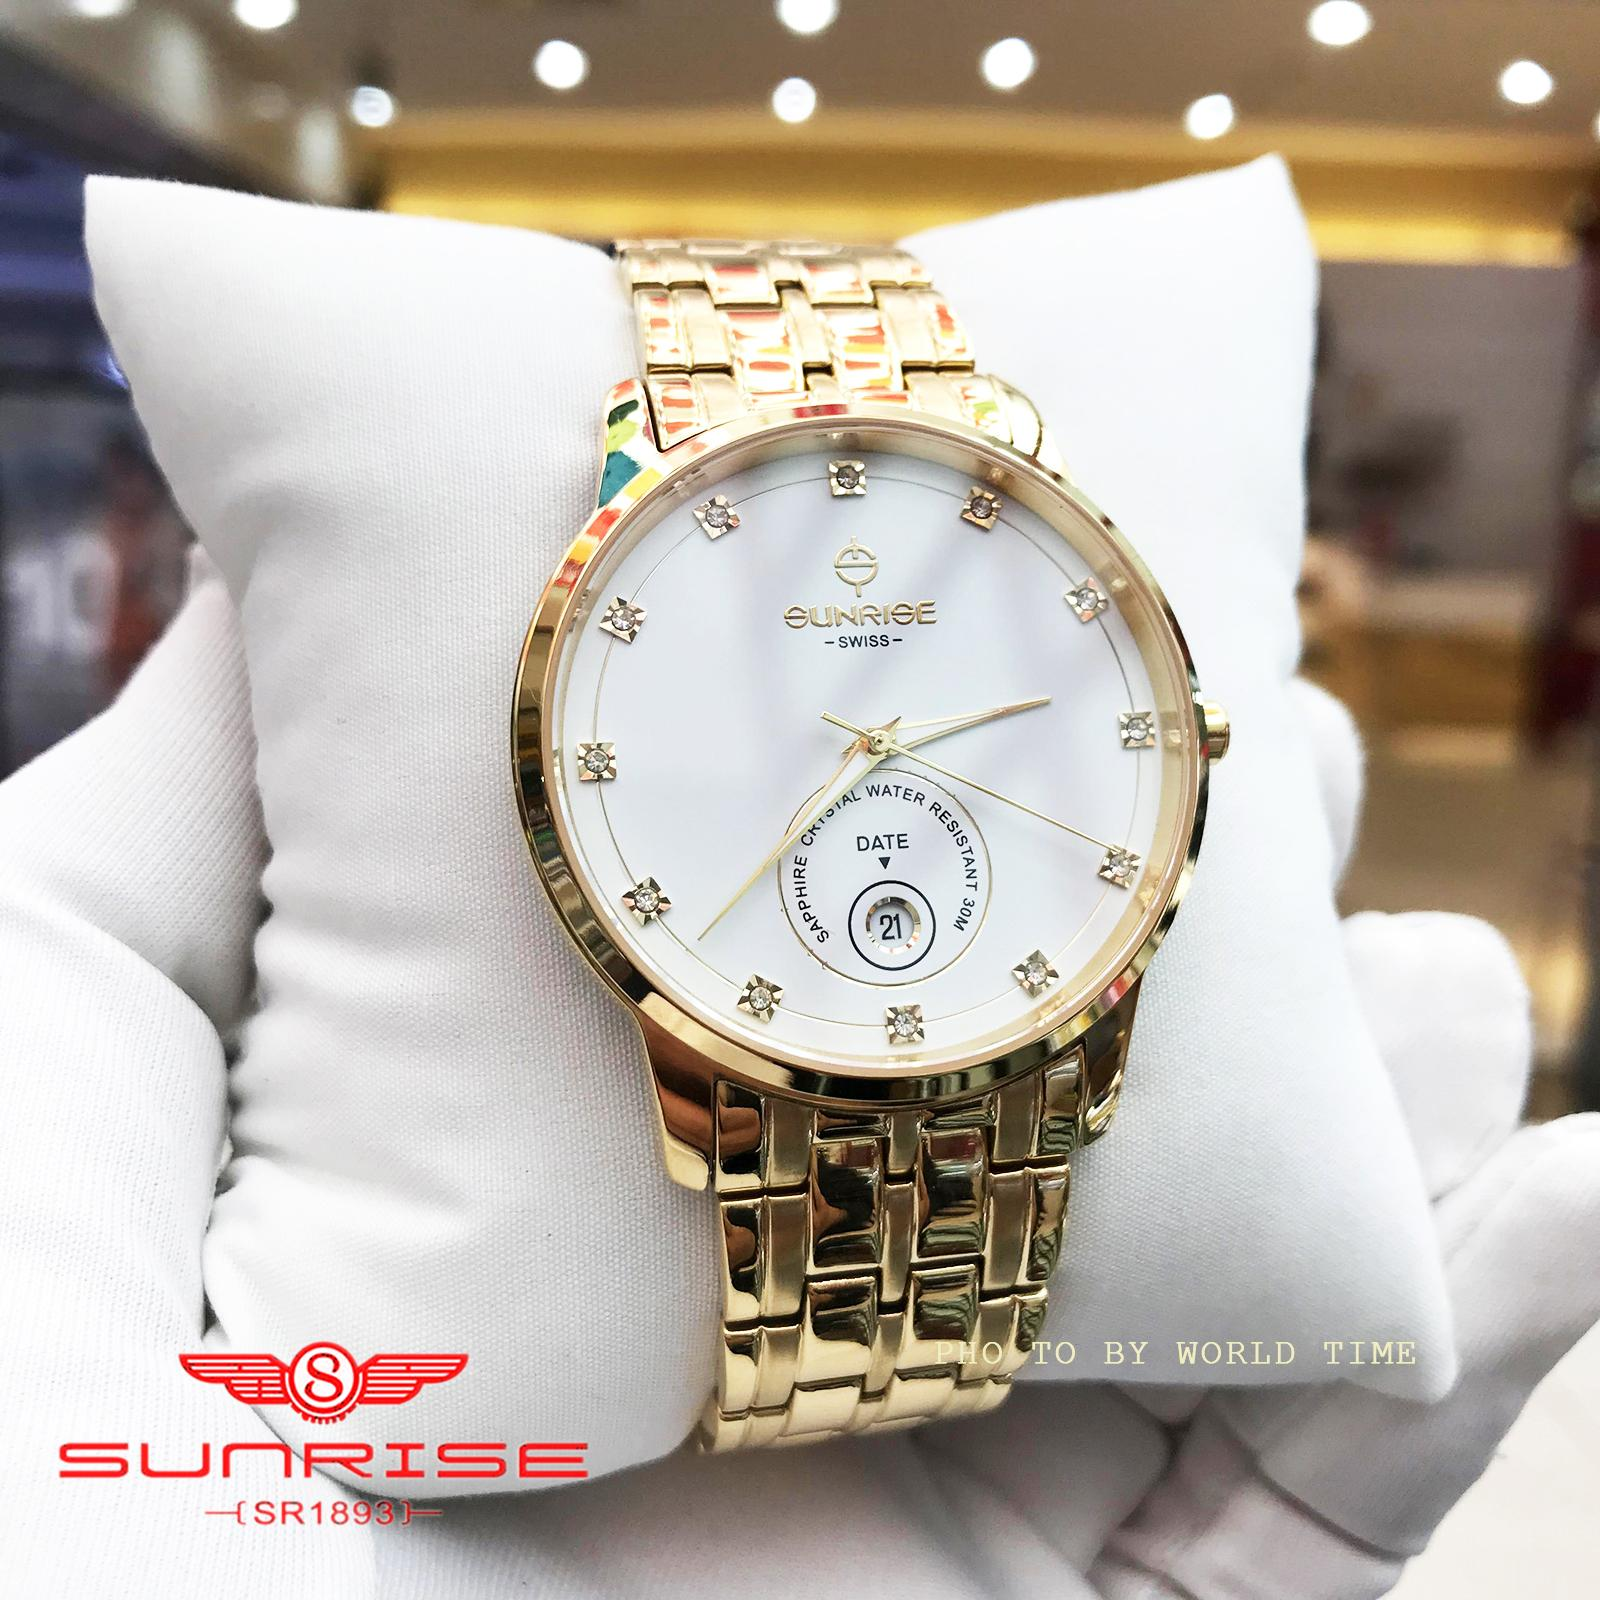 [CHỈ HÔM NAY] Đồng Hồ Nam Sunrise 1138SA - Hộp hãng + Thẻ BH hãng - Kính Sapphire [chống xước , chống nước] - Màu tuỳ chọn bán chạy